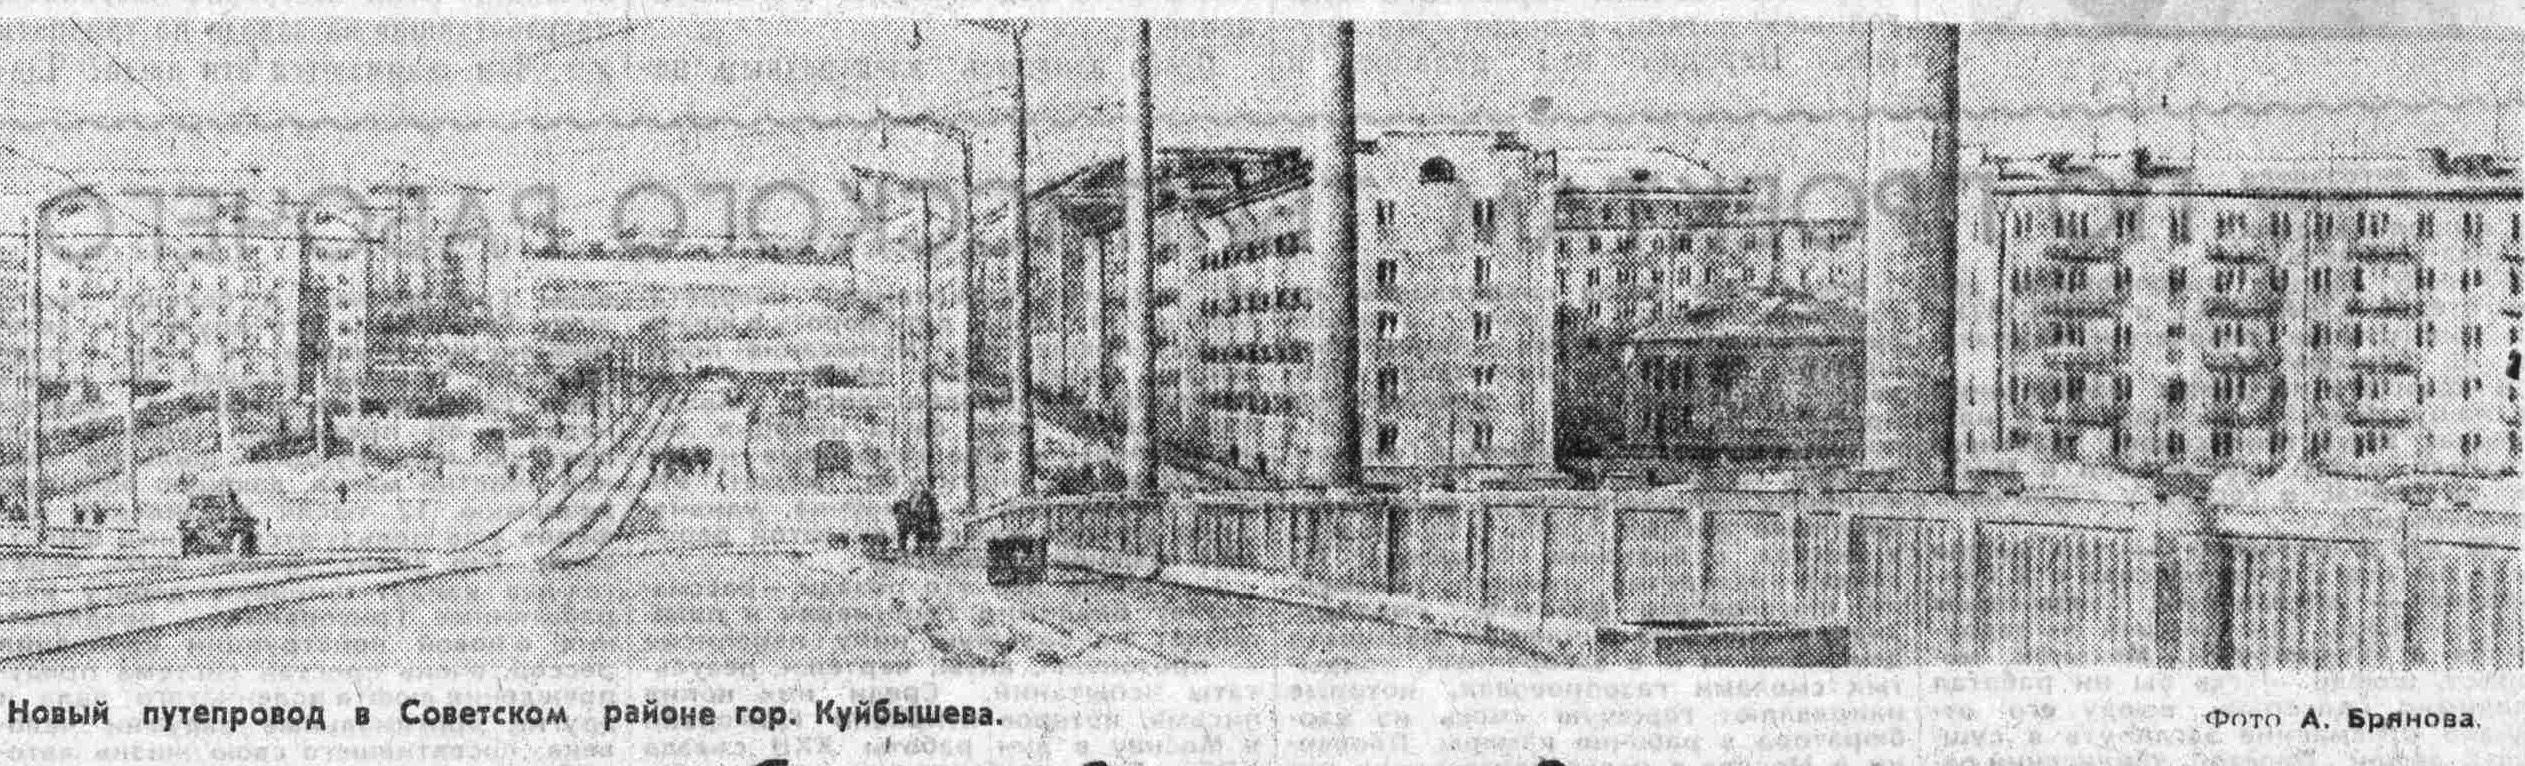 КрКом-ФОТО-08-ВКа-1962-12-09-фото с путепровода XXII Парт